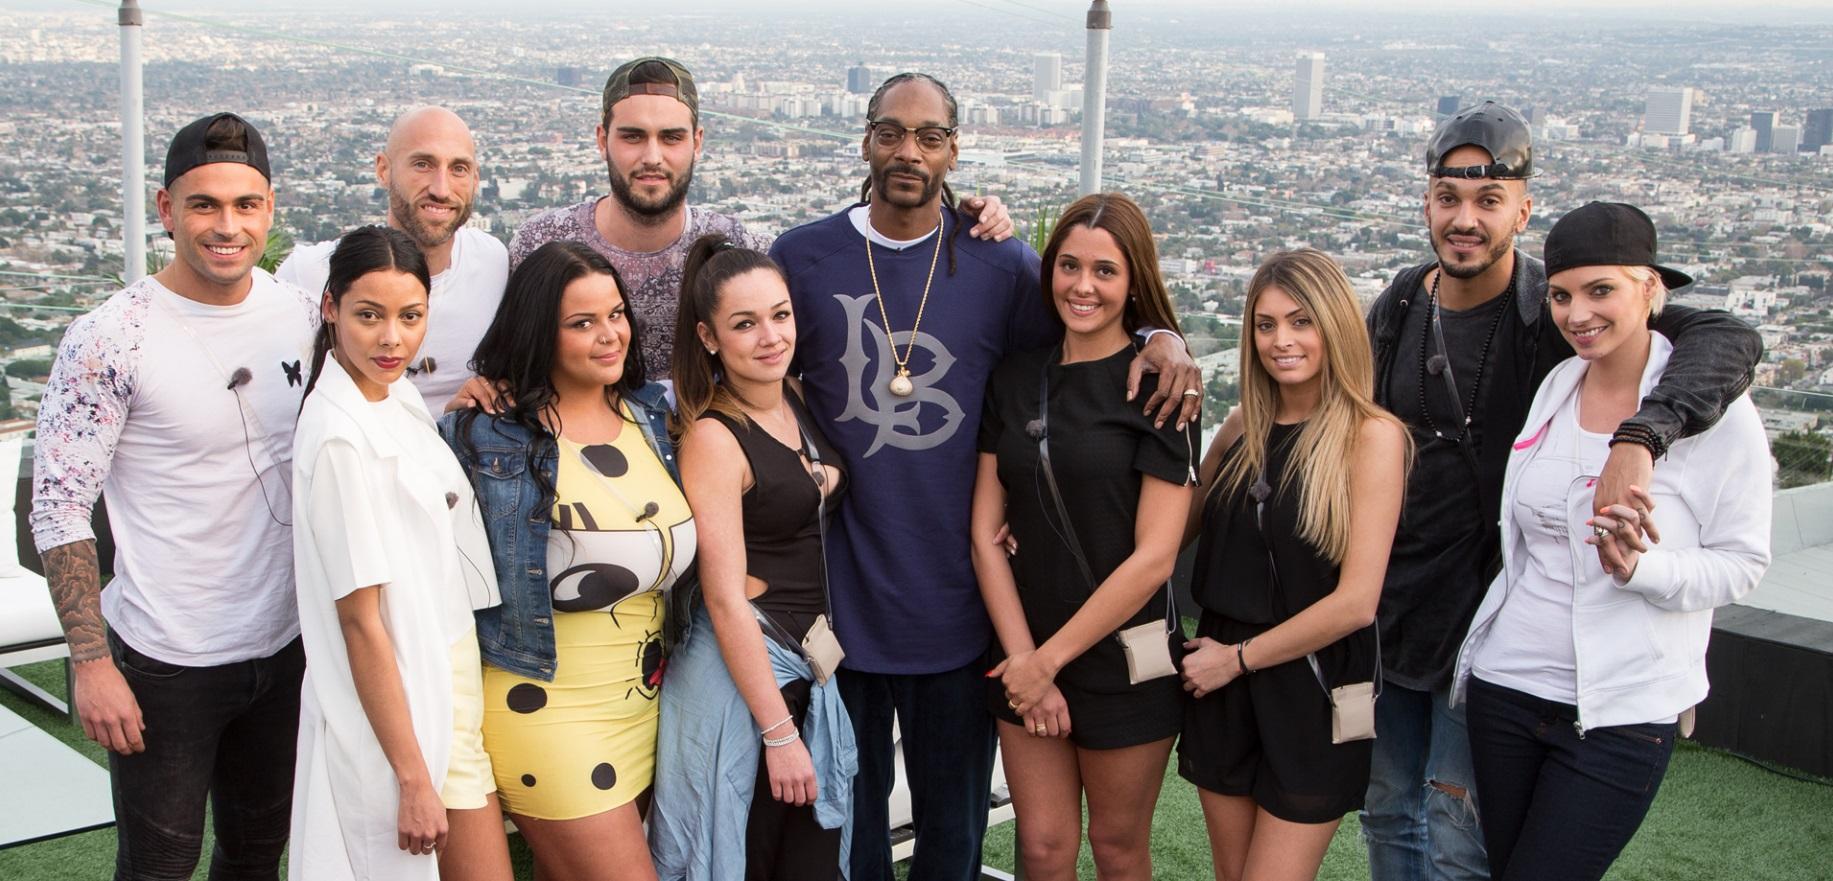 Les Anges 8 – En compagnie de Snoop Dogg